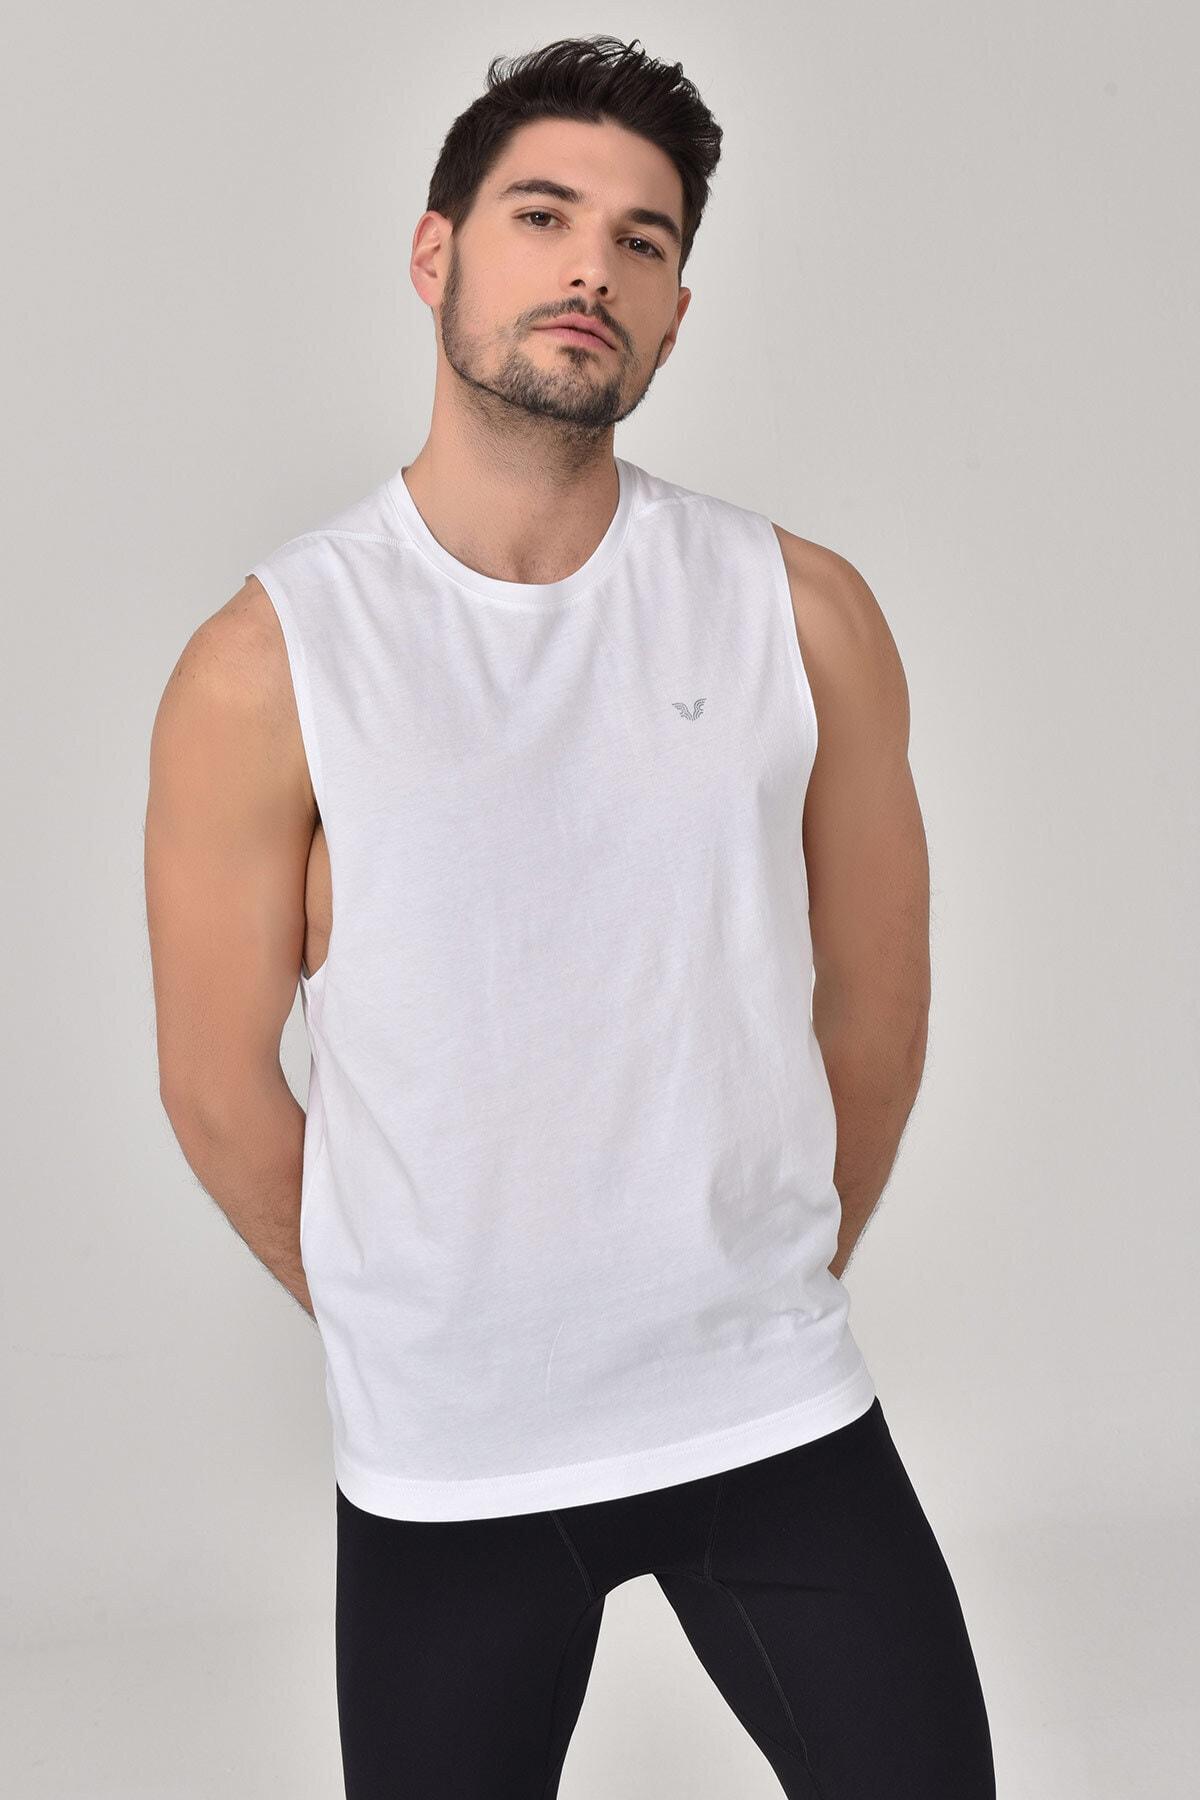 bilcee Beyaz Erkek Örme Atlet GS-1622 1